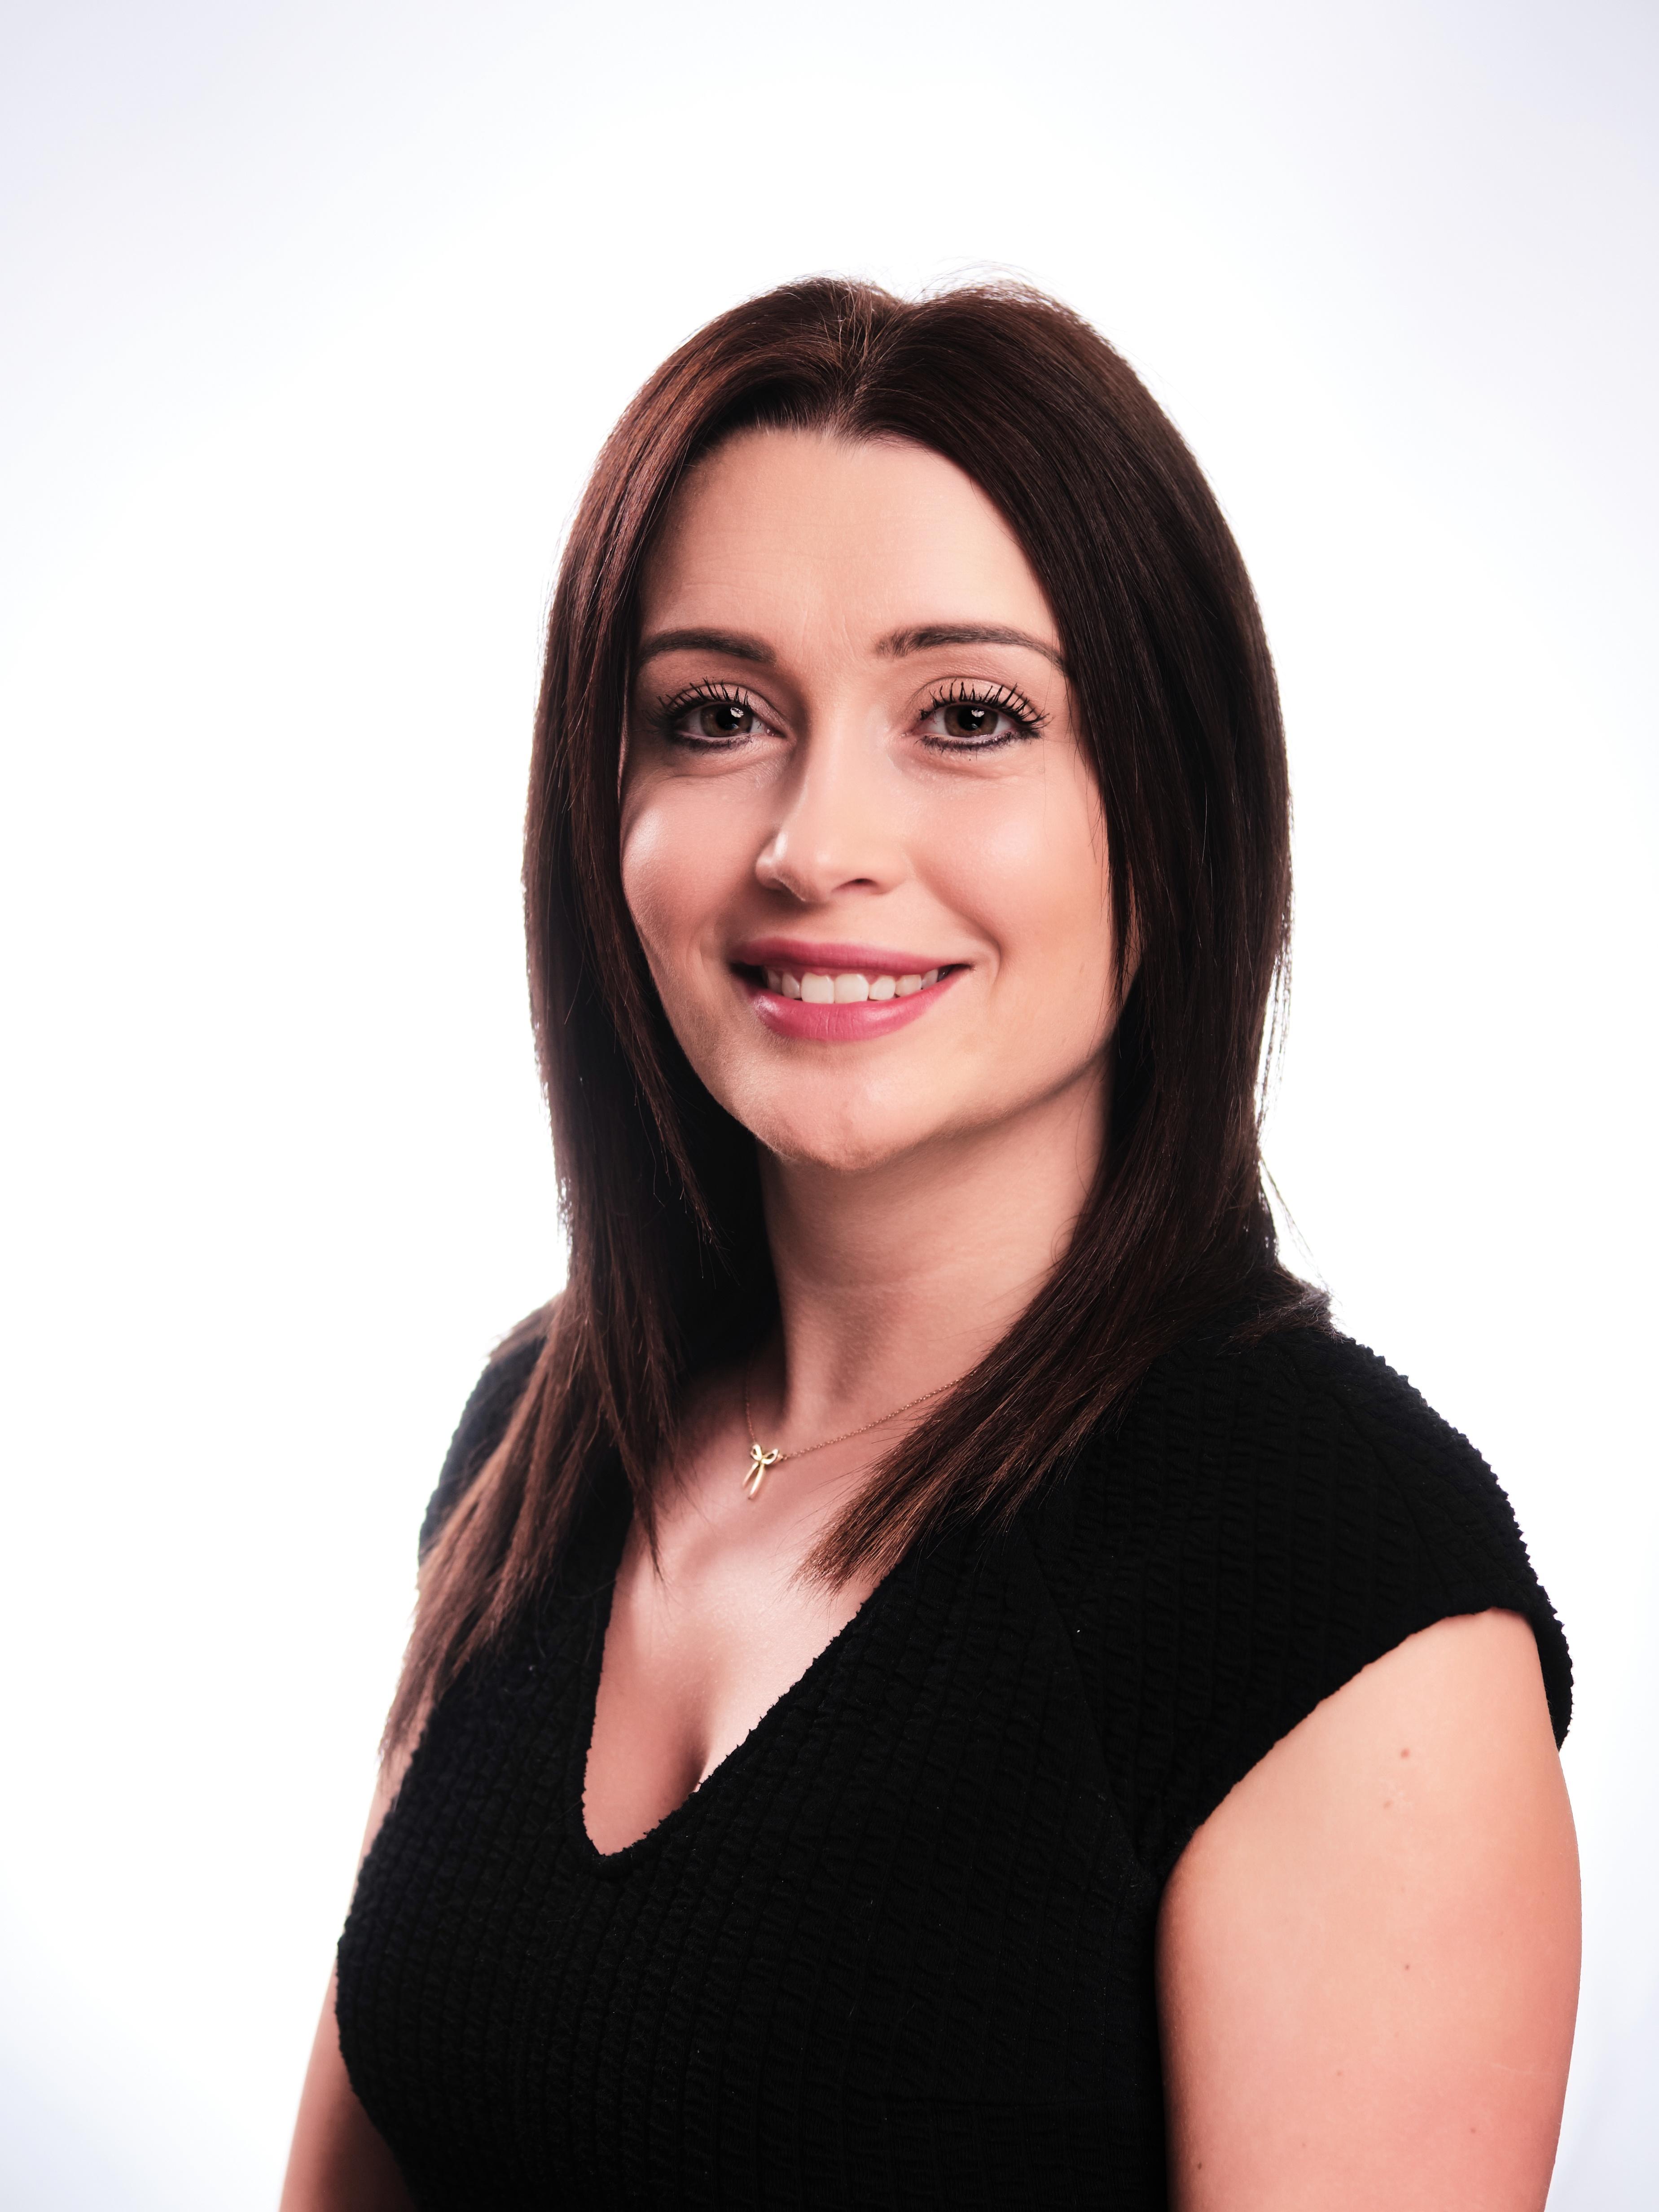 Laura Wilkes